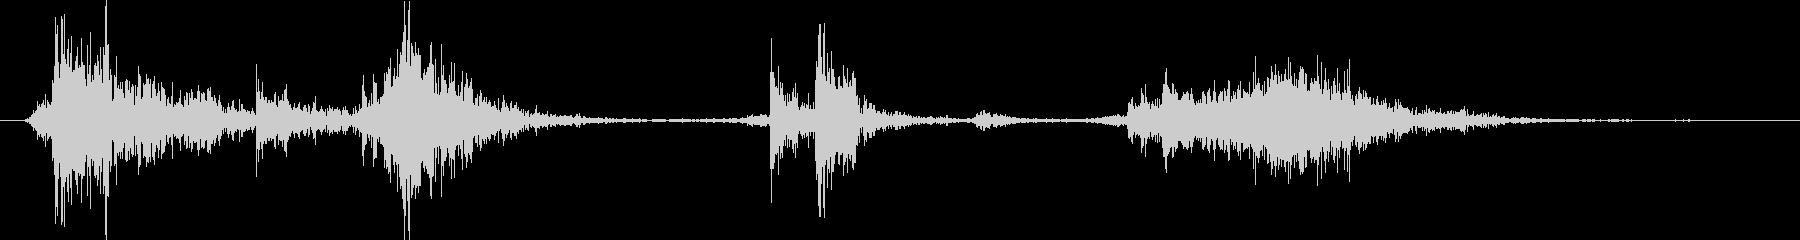 ピックアップトラック:Ext:重い...の未再生の波形